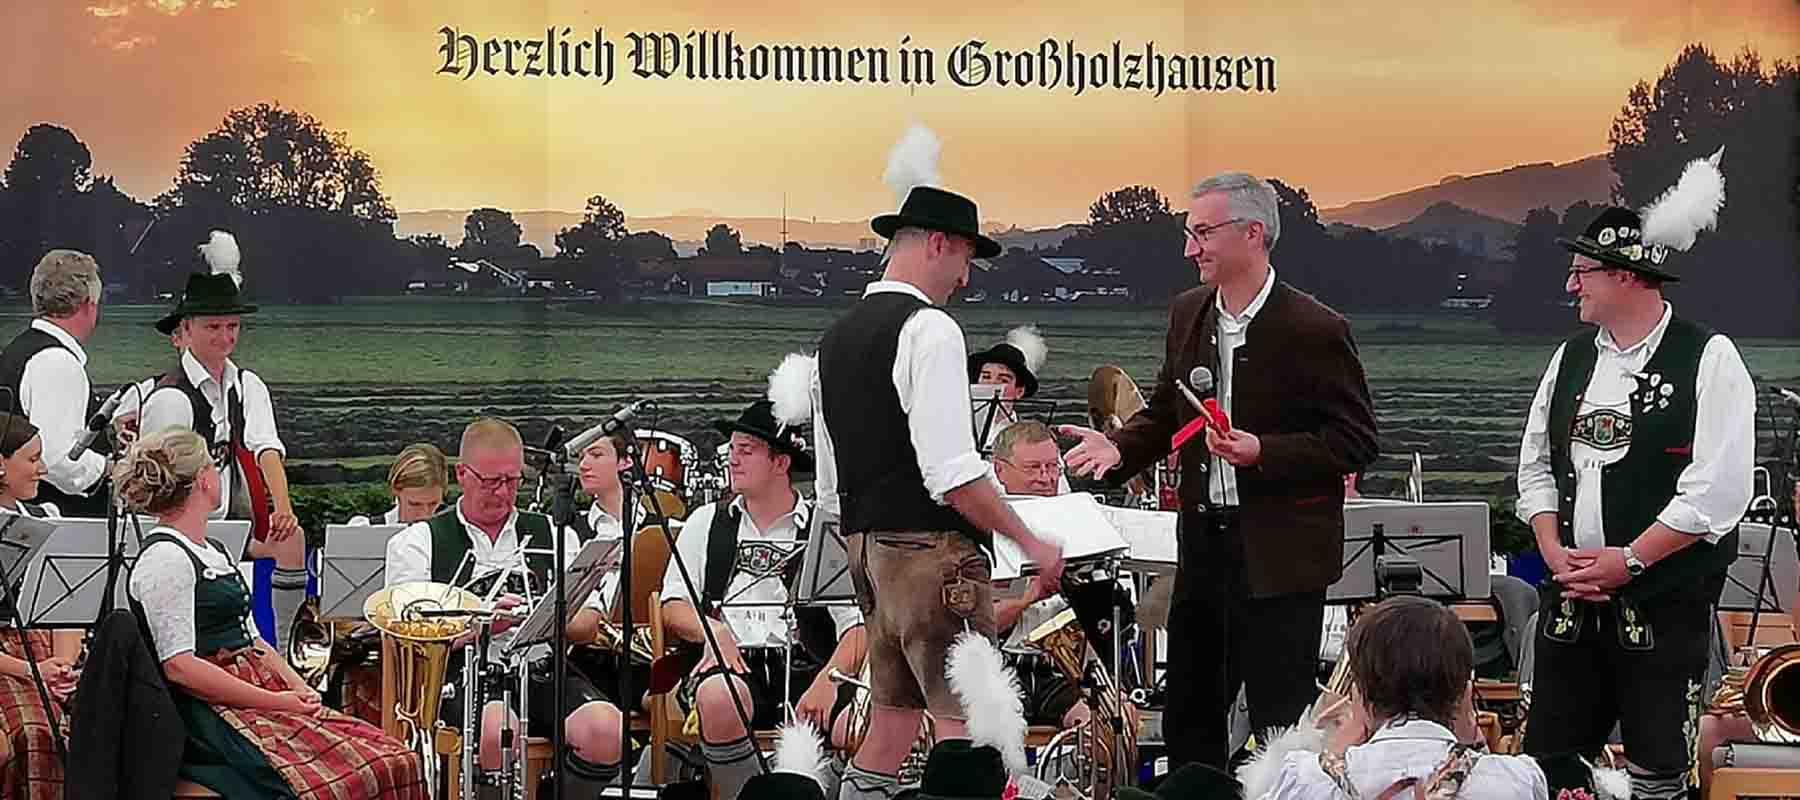 Ein neues Schlagzeug für die Musikkapelle Großholzhausen